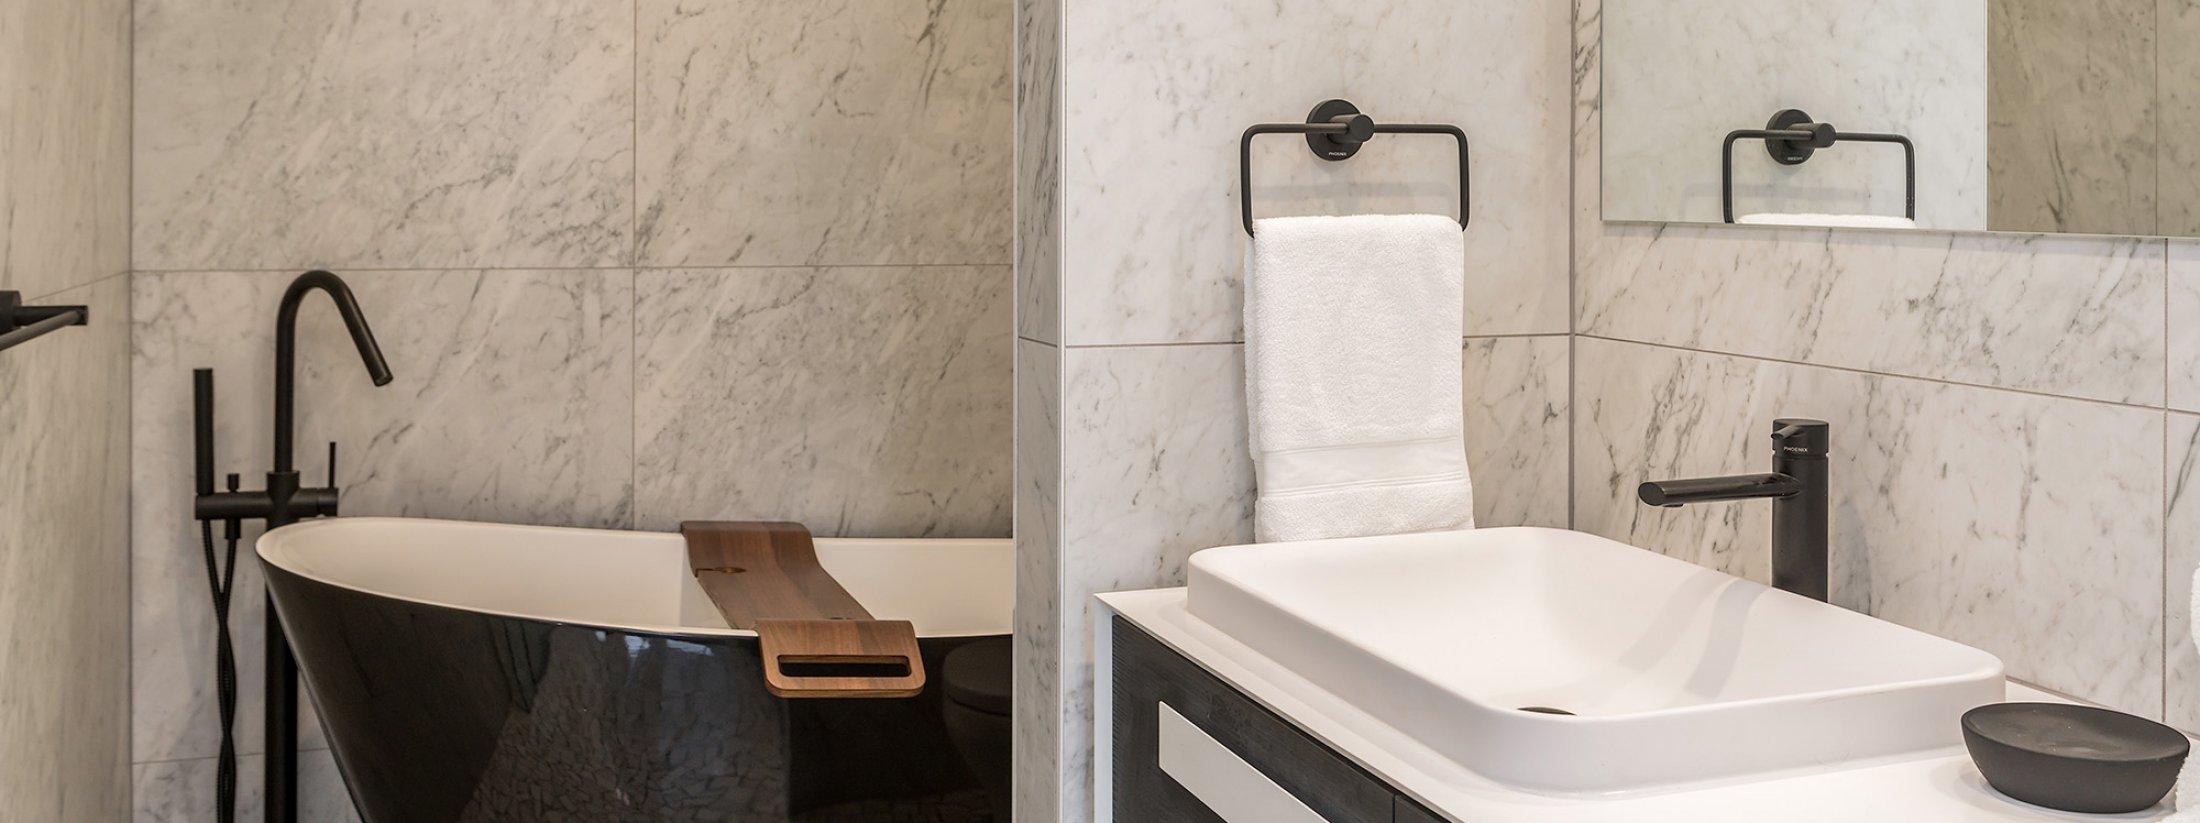 Driftwood - Byron Bay - Bathroom with Bath b